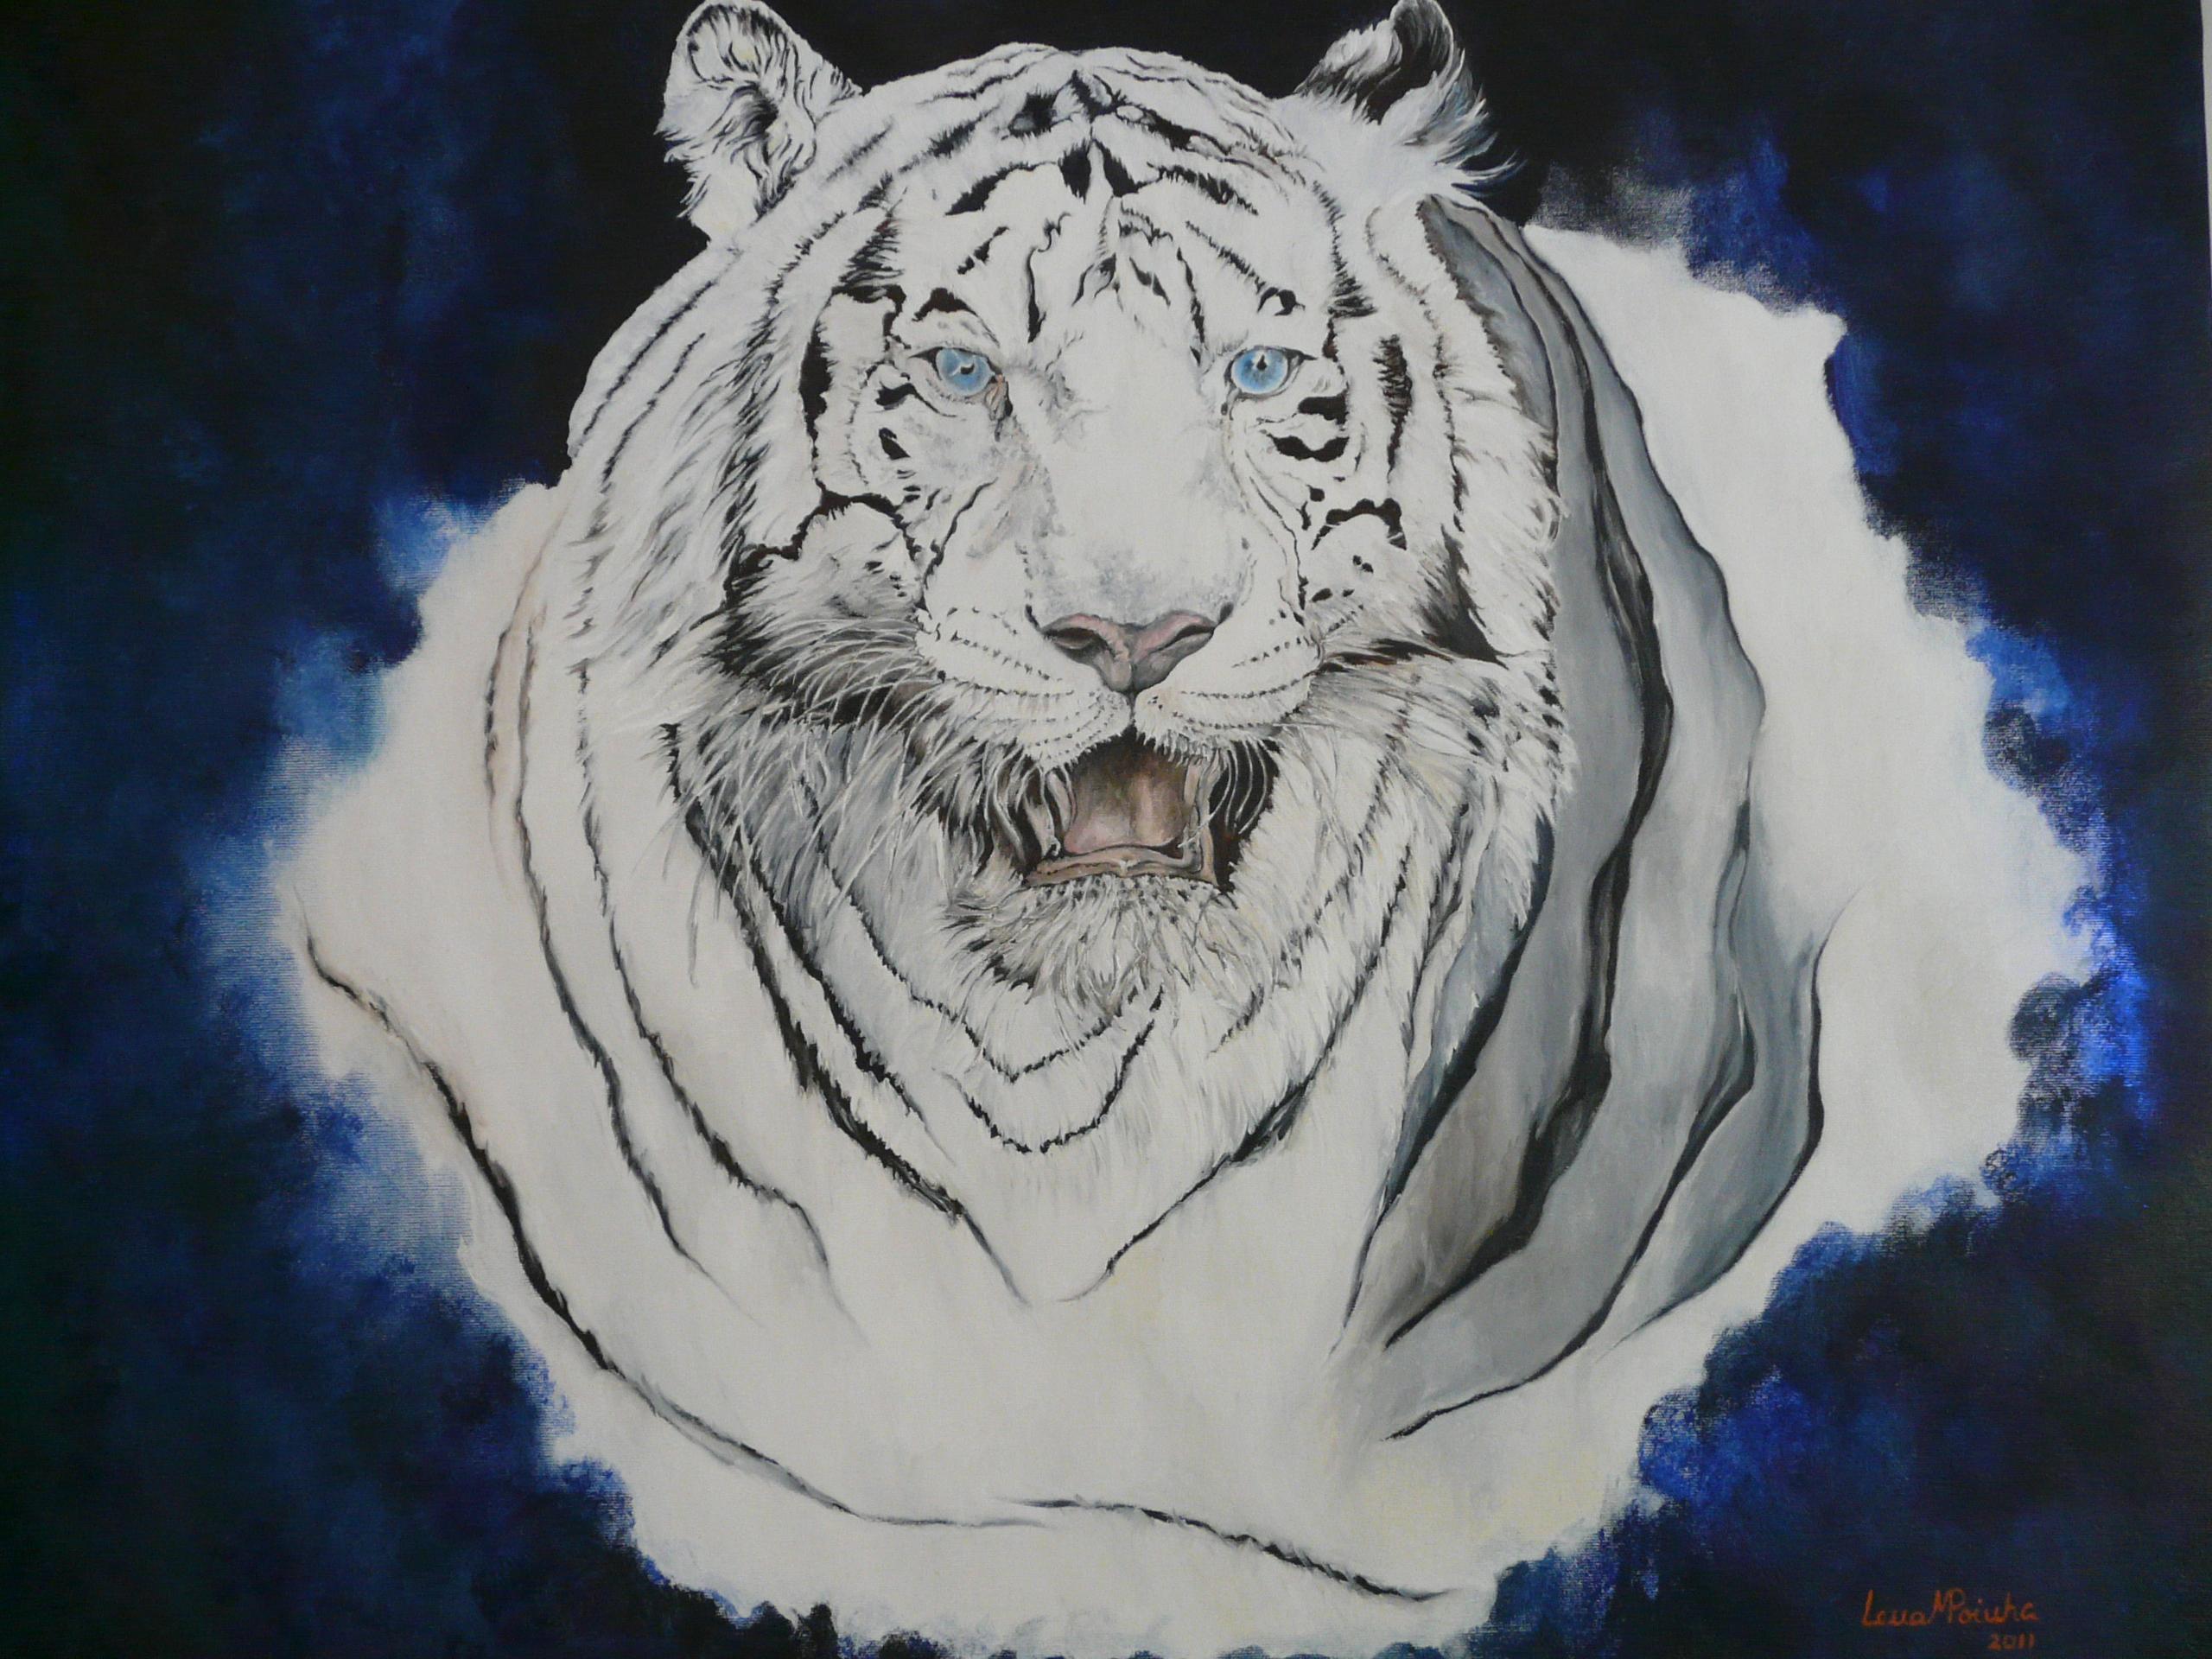 Tigre do Paulinho